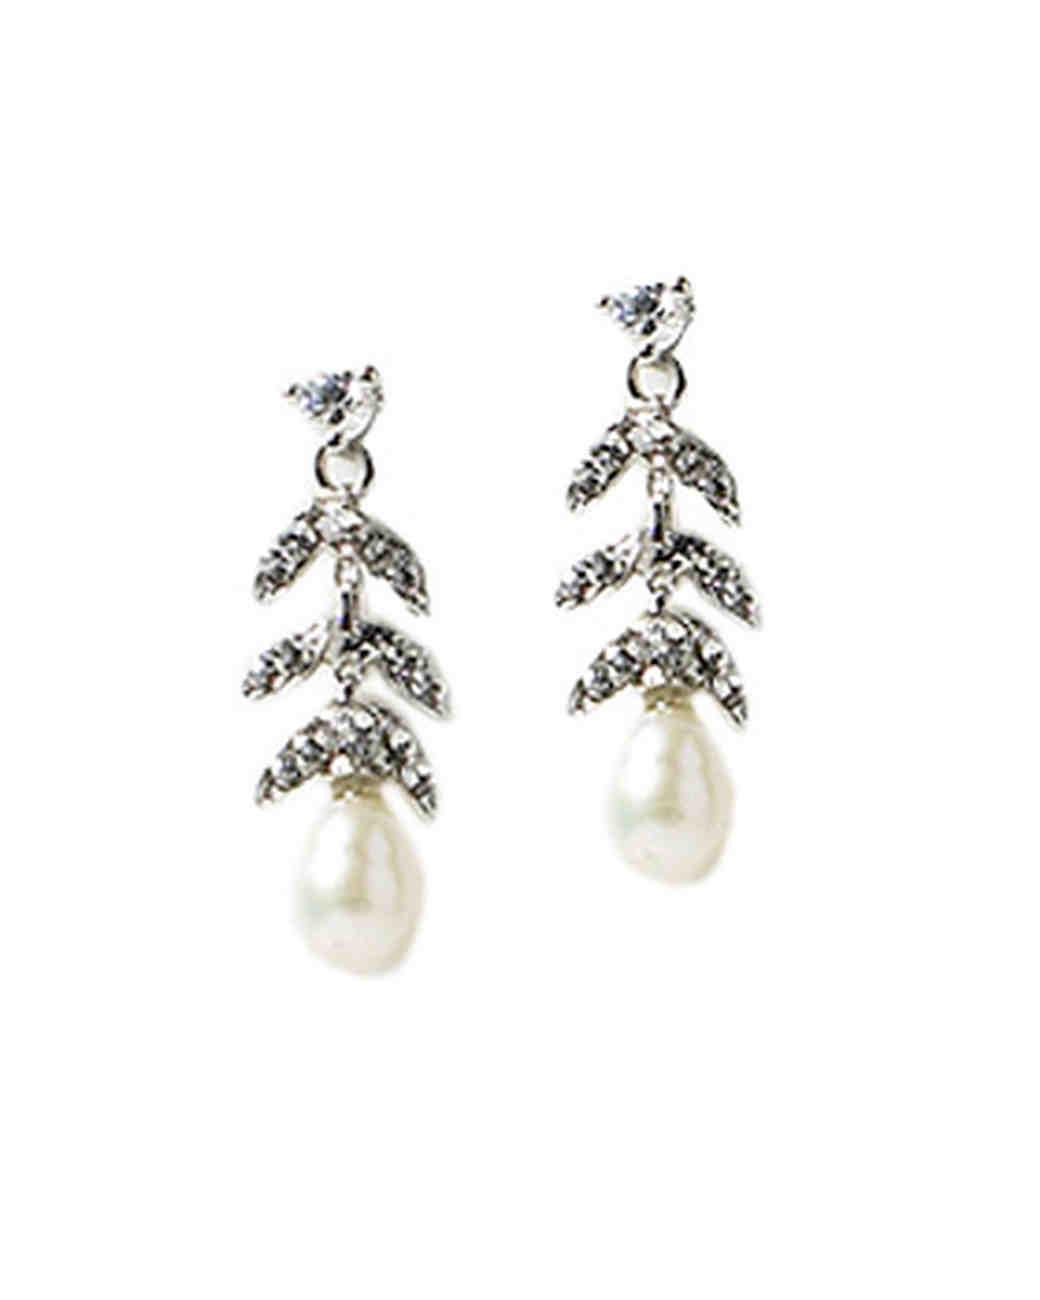 wd104606_spr09_jewelry31.jpg